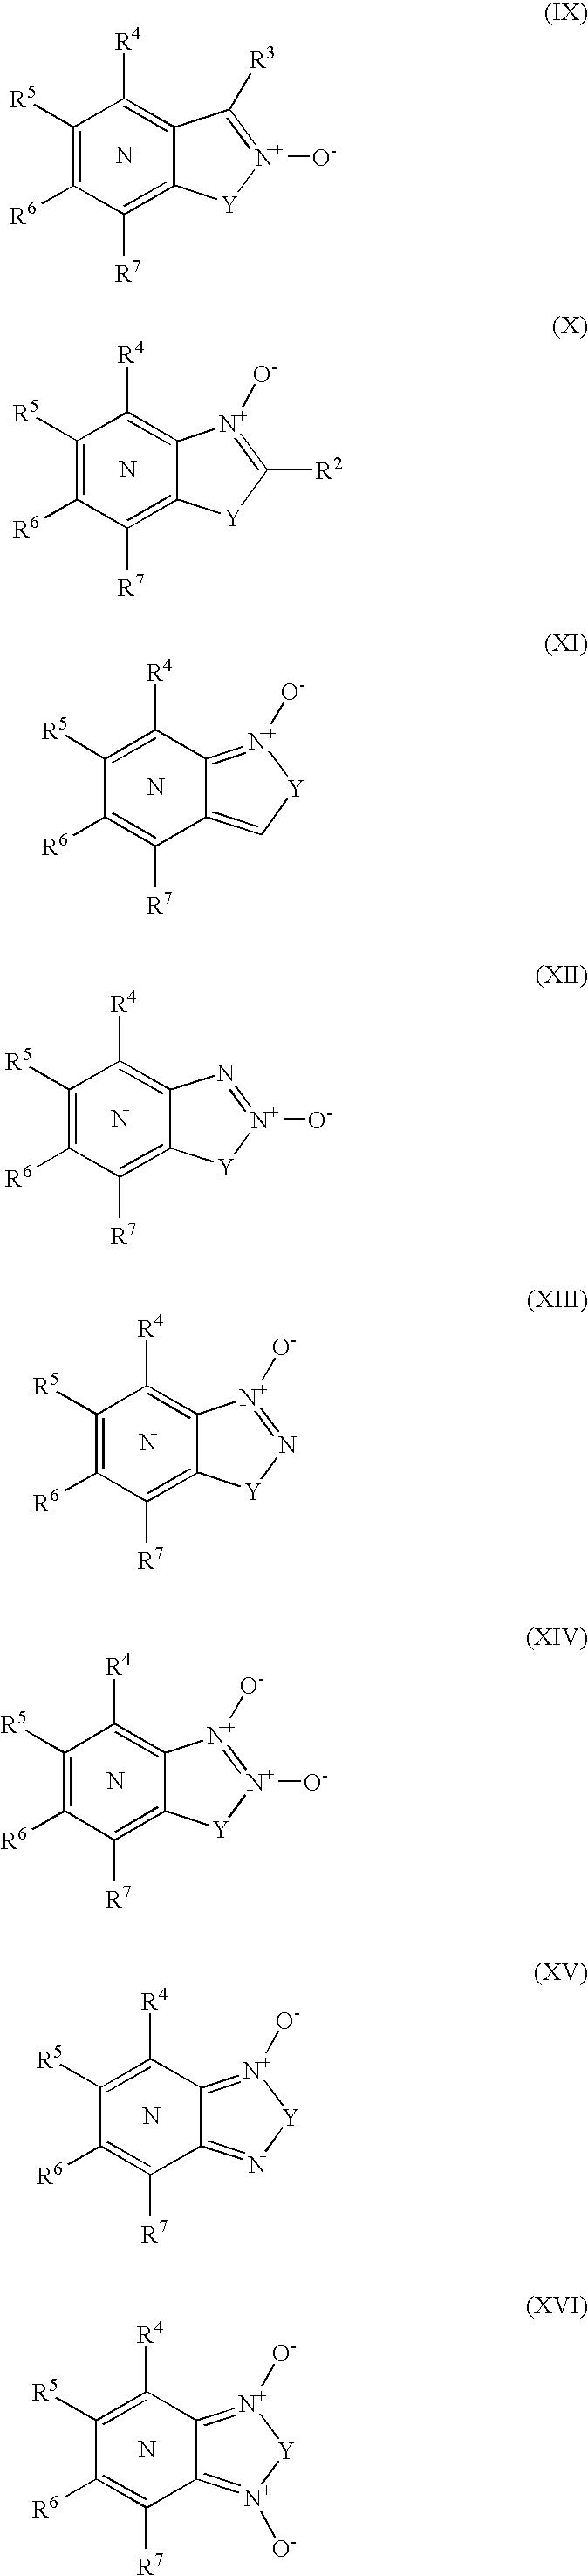 Figure US07288123-20071030-C00065